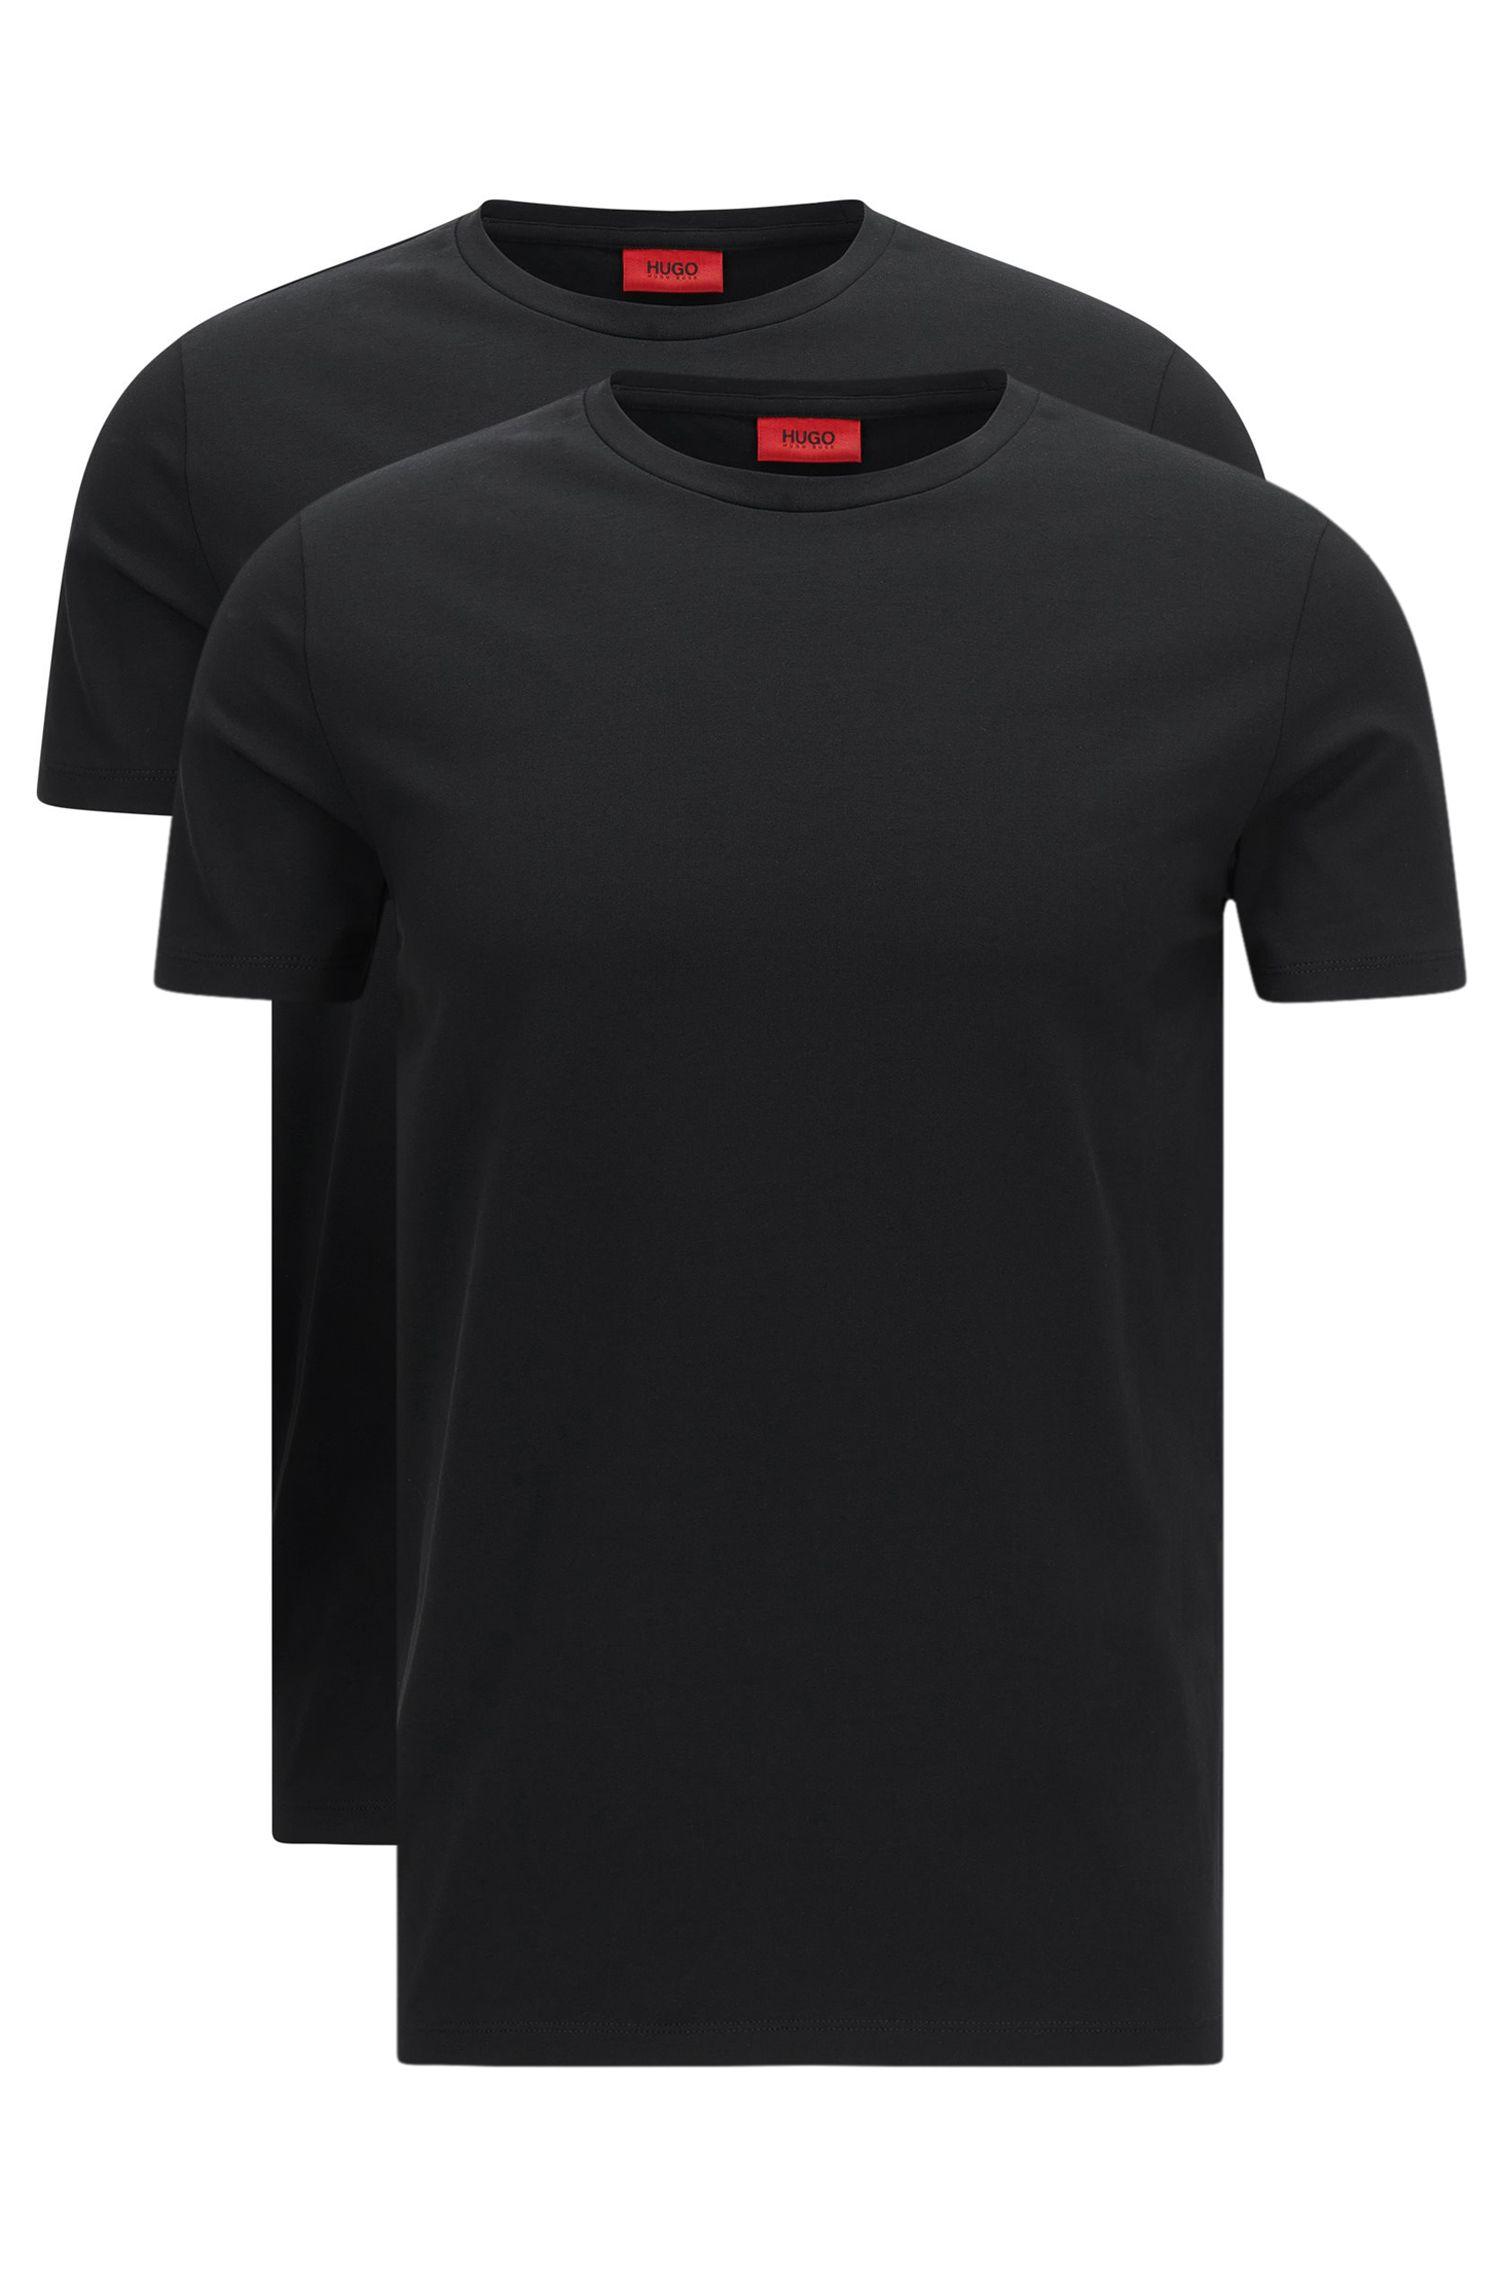 Paquete de dos camisetas con cuello redondo en algodón elástico de HUGO Hombre